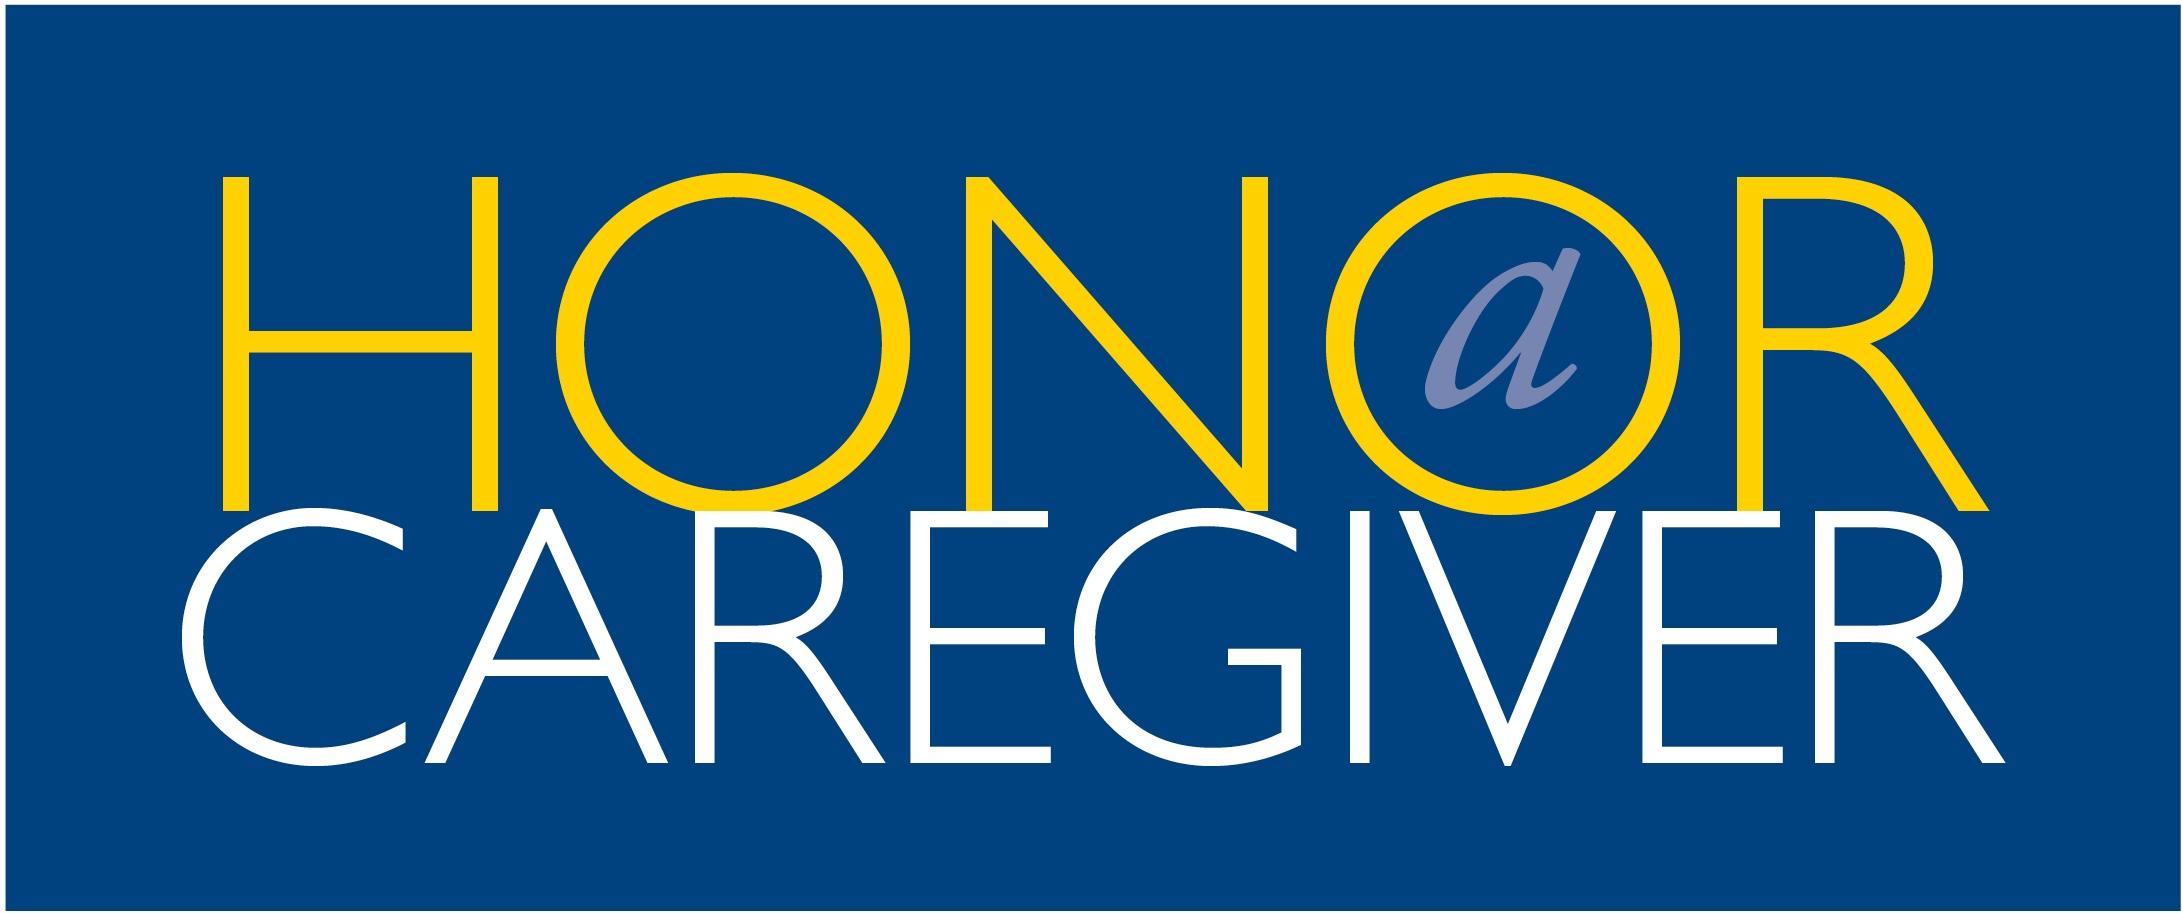 Honor a Caregiver Logo - 2